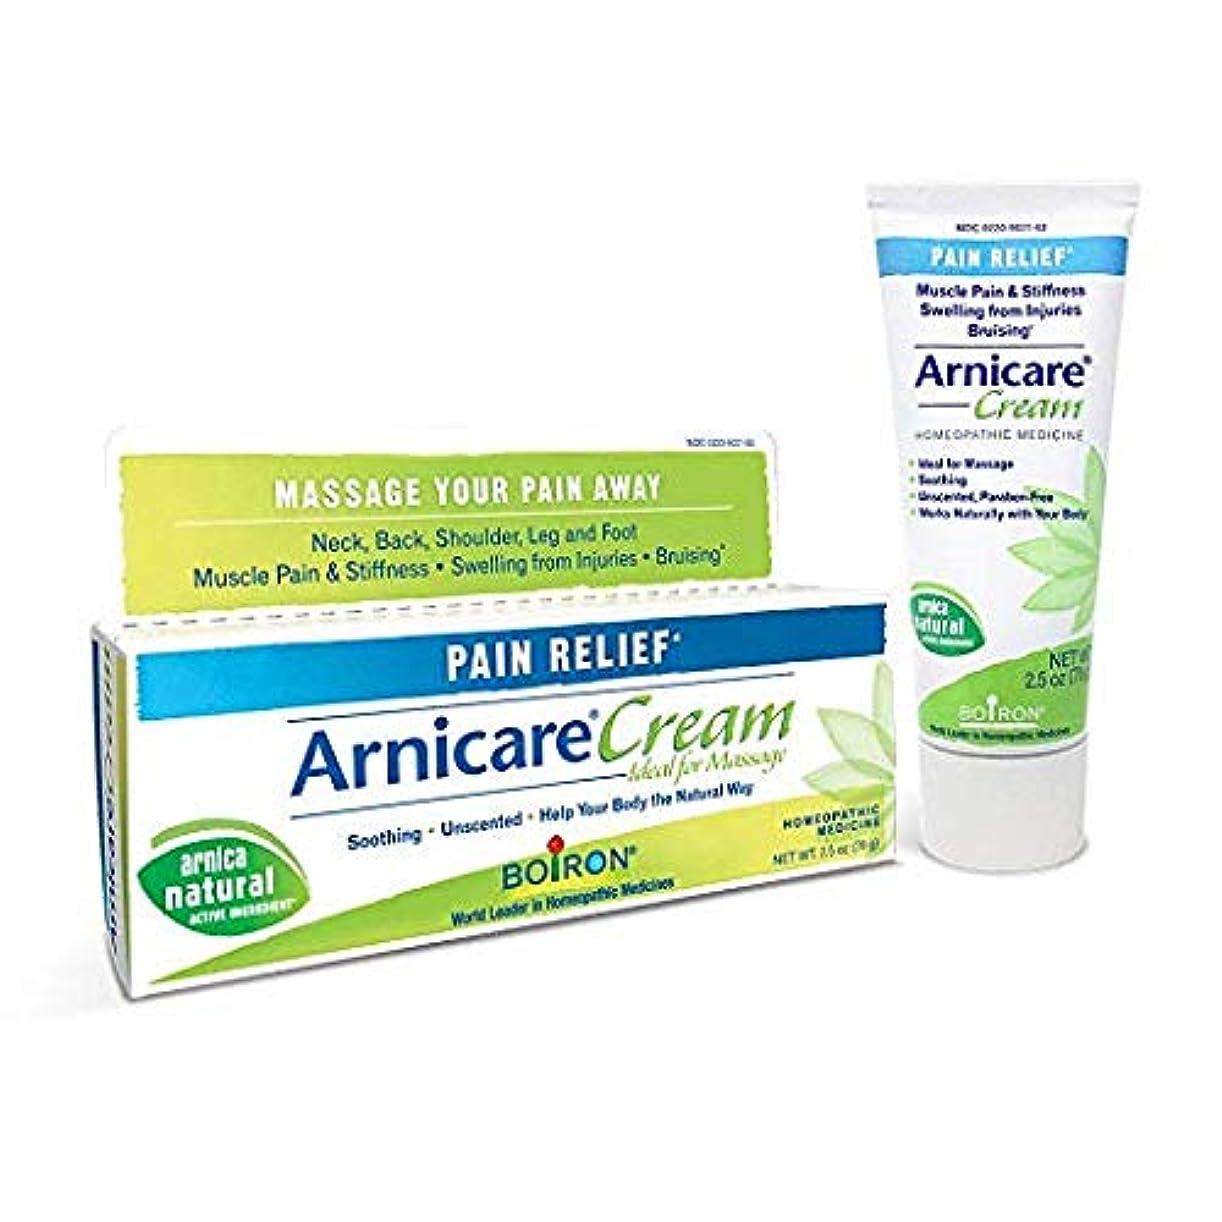 異常伴う食い違いボイロン アルニカクリーム Boiron Arnicare Cream 2.5 Ounces Topical Pain Relief Cream [並行輸入品]